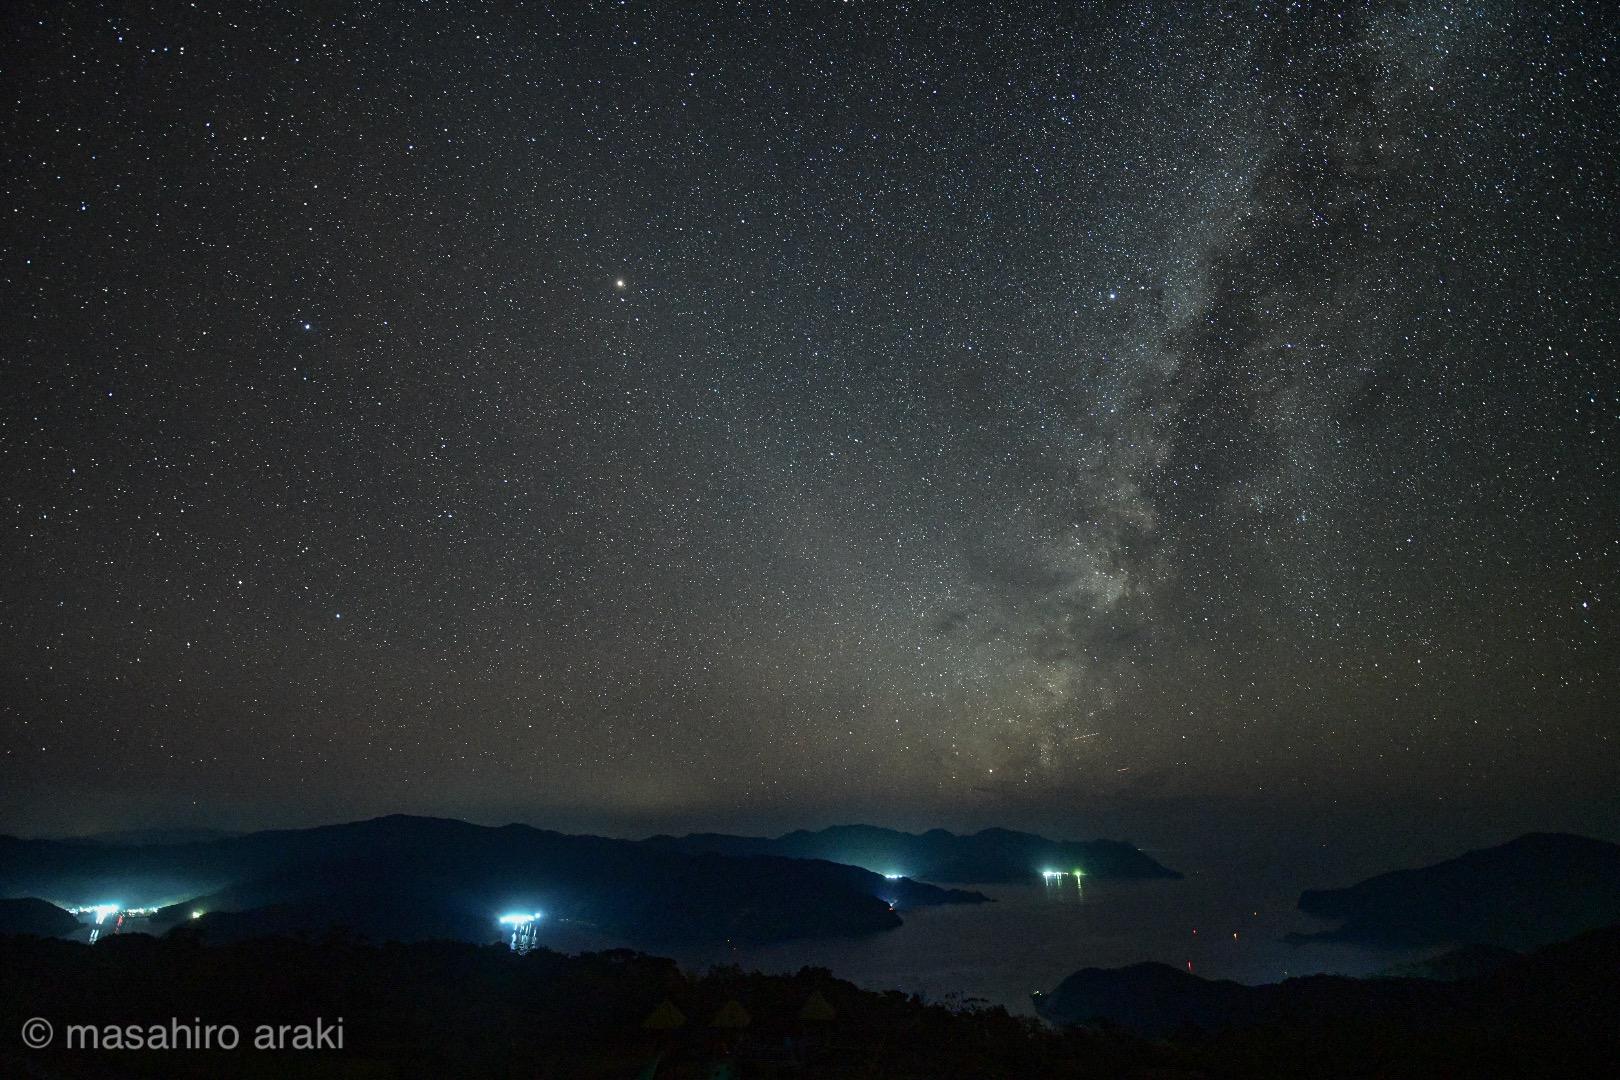 峰田山から見る天の川A632956F-33A9-4CA7-8E35-D460BF949CBC